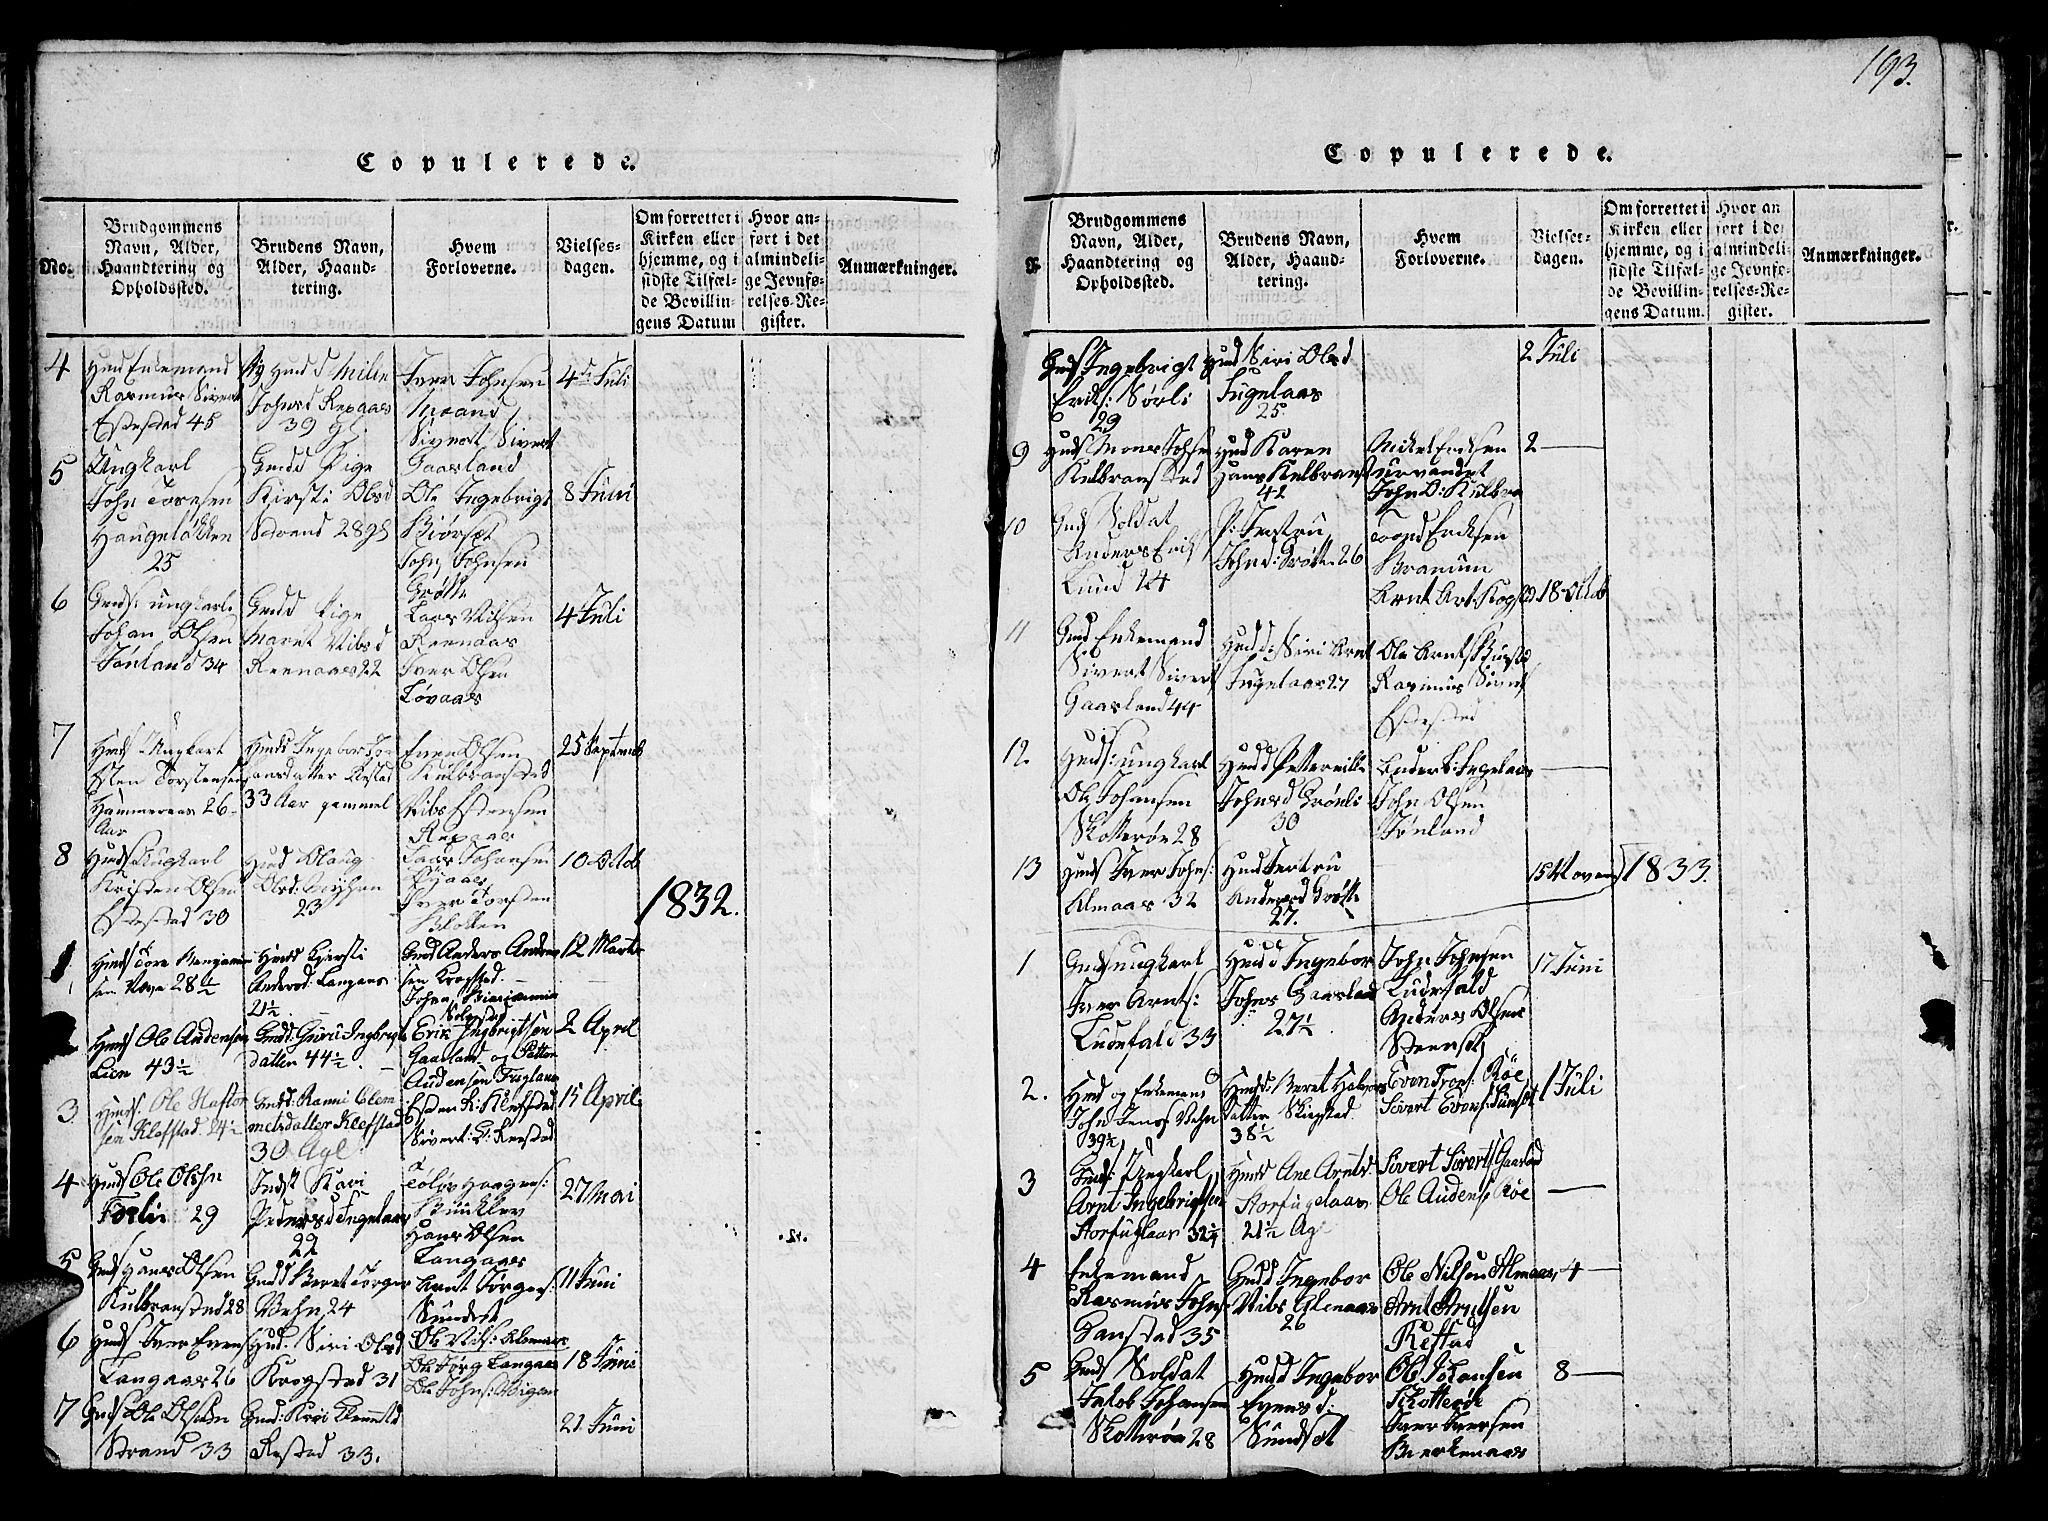 SAT, Ministerialprotokoller, klokkerbøker og fødselsregistre - Sør-Trøndelag, 694/L1130: Klokkerbok nr. 694C02, 1816-1857, s. 193